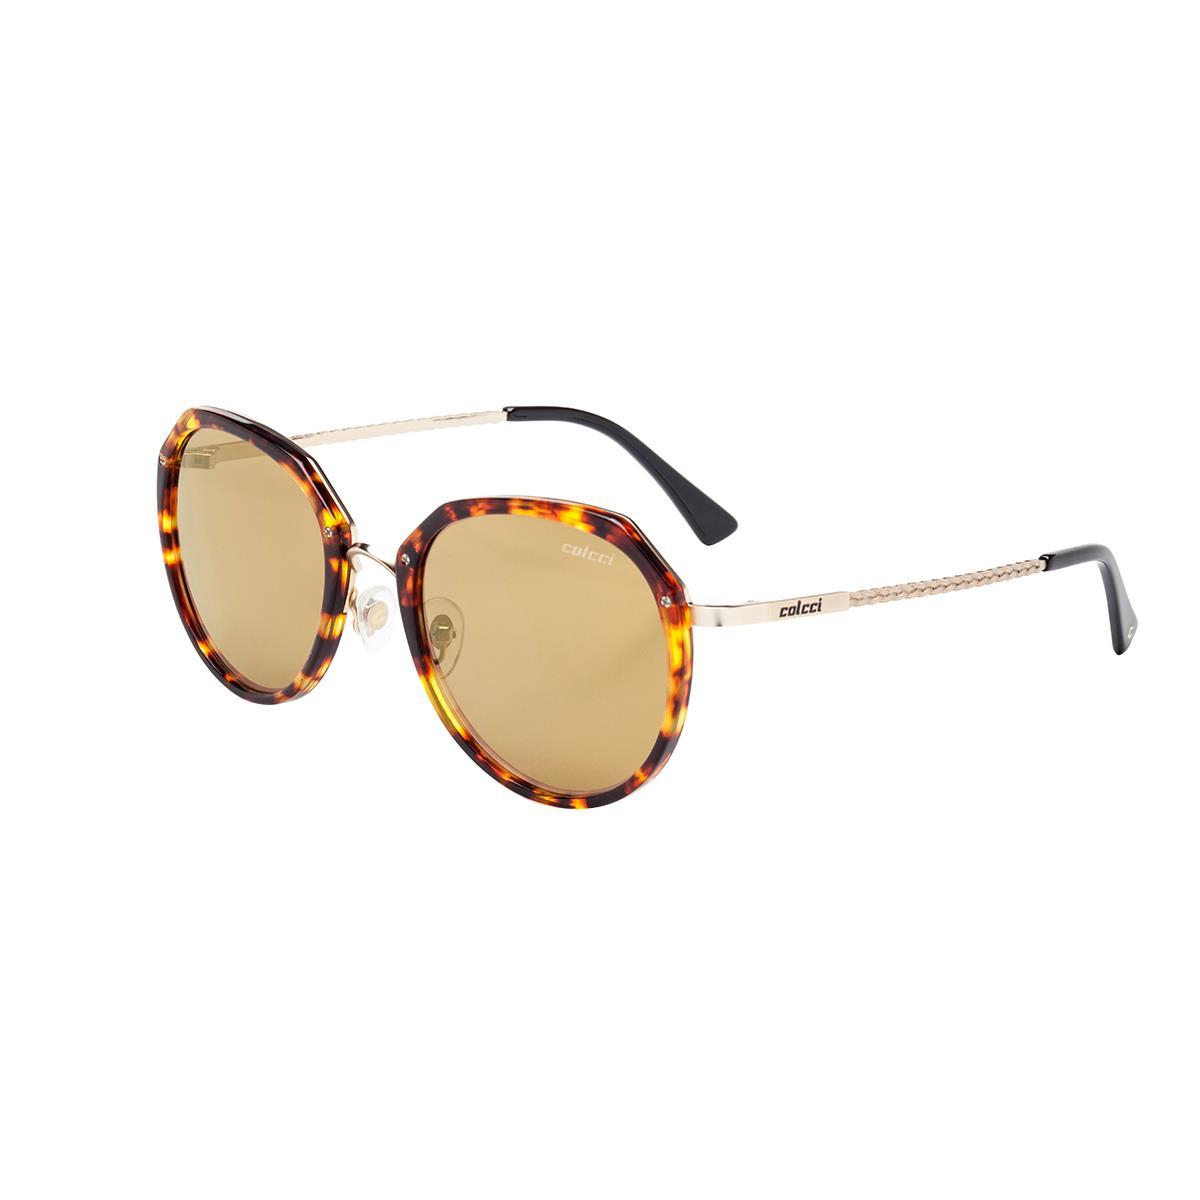 38dd0cc3c Óculos De Sol Demi Marrom Brilho E Preto C0111f3408 Colcci na Estrela10